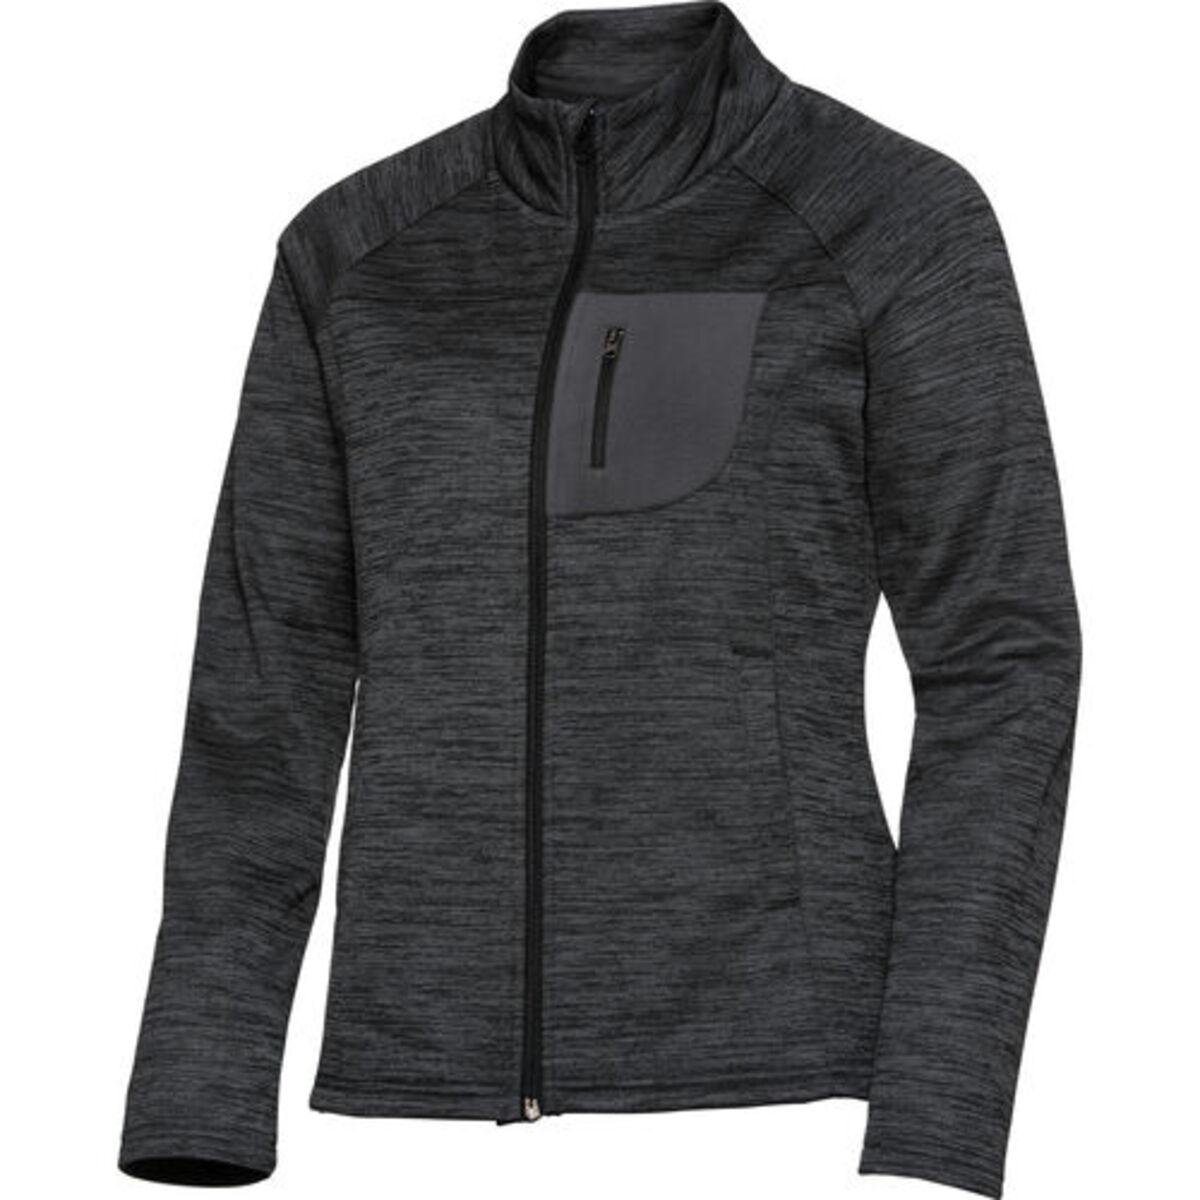 Bild 1 von FLM            Fleece Jacke Damen 3.0 grau